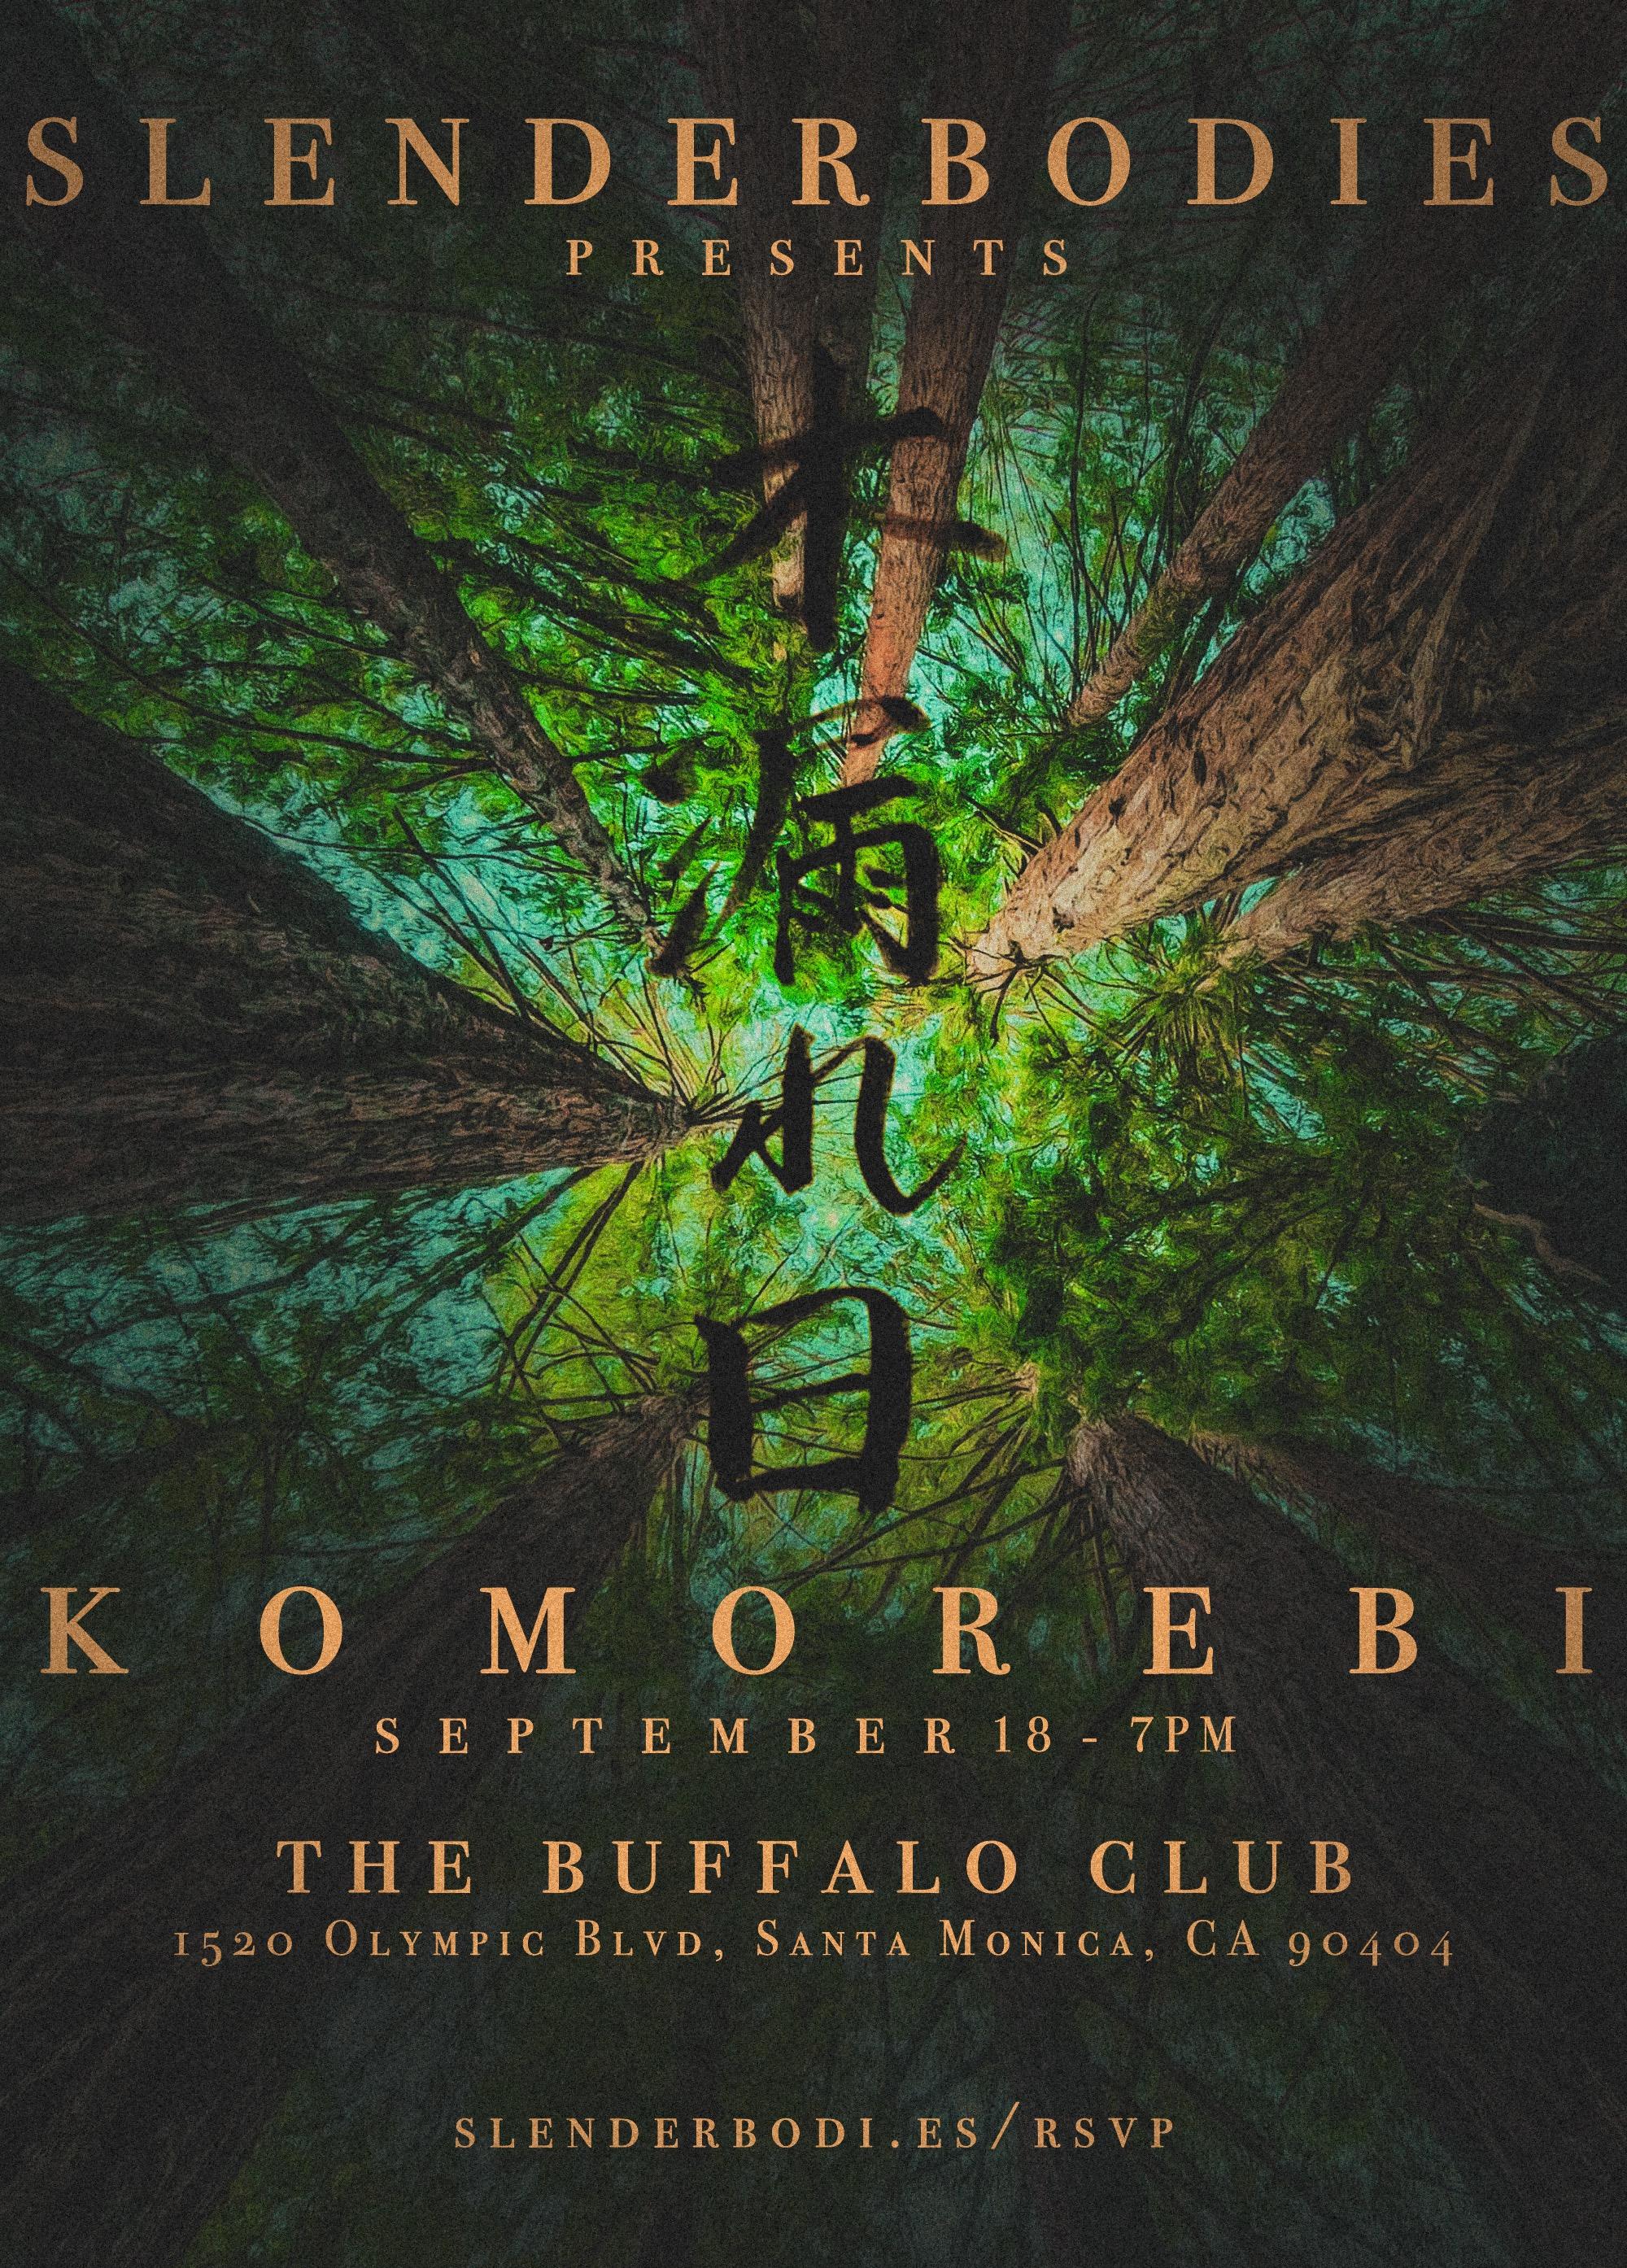 komorebi release party invite.png